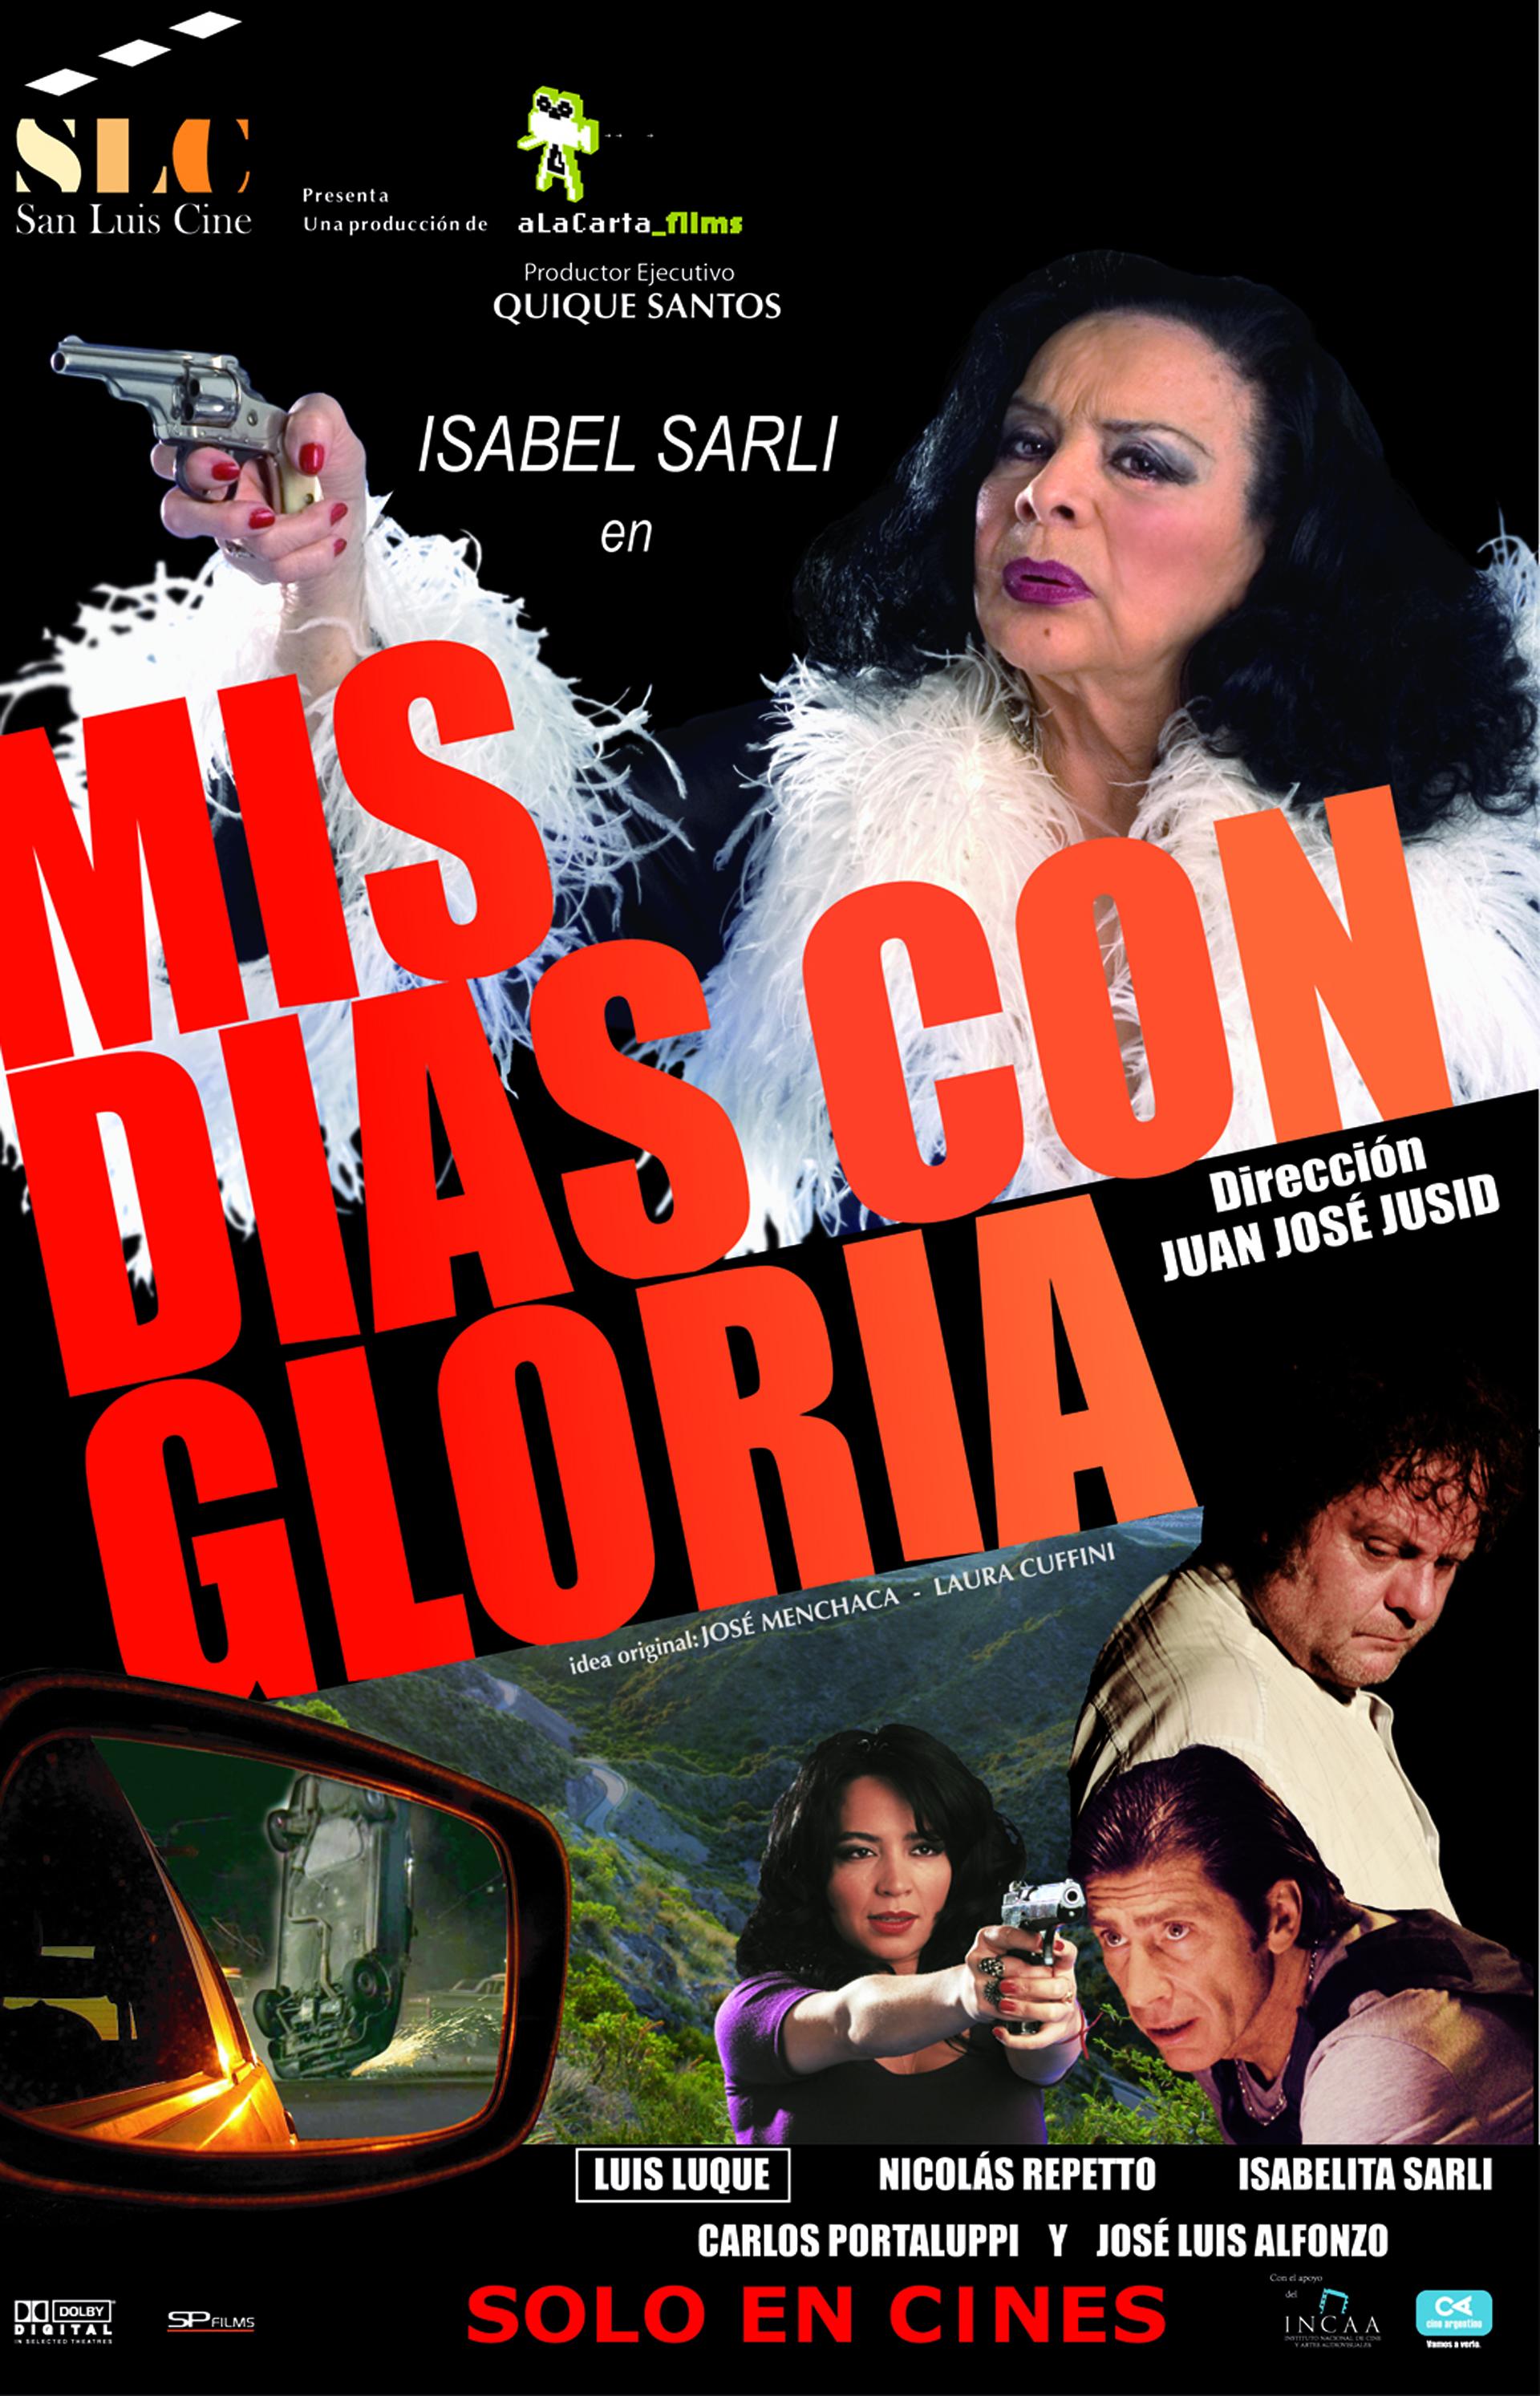 Mis días con gloria fue su anteúltima película. Se estrenó en el 2010 con dirección de Juan José Jusid. En el filme, cumplió su sueño de actuar con su hija Isabelita